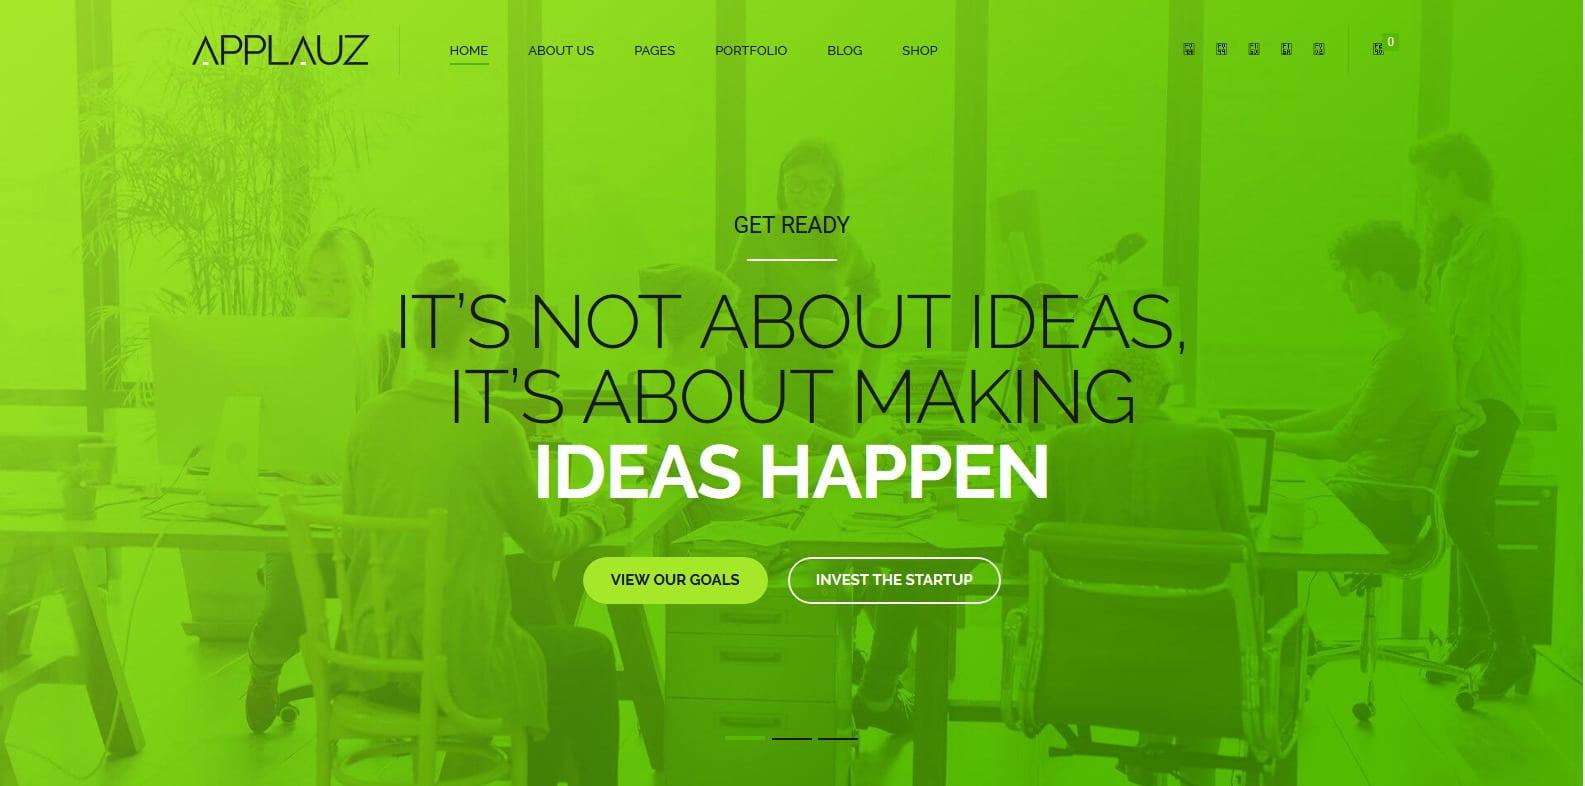 applauz-technology-website-template